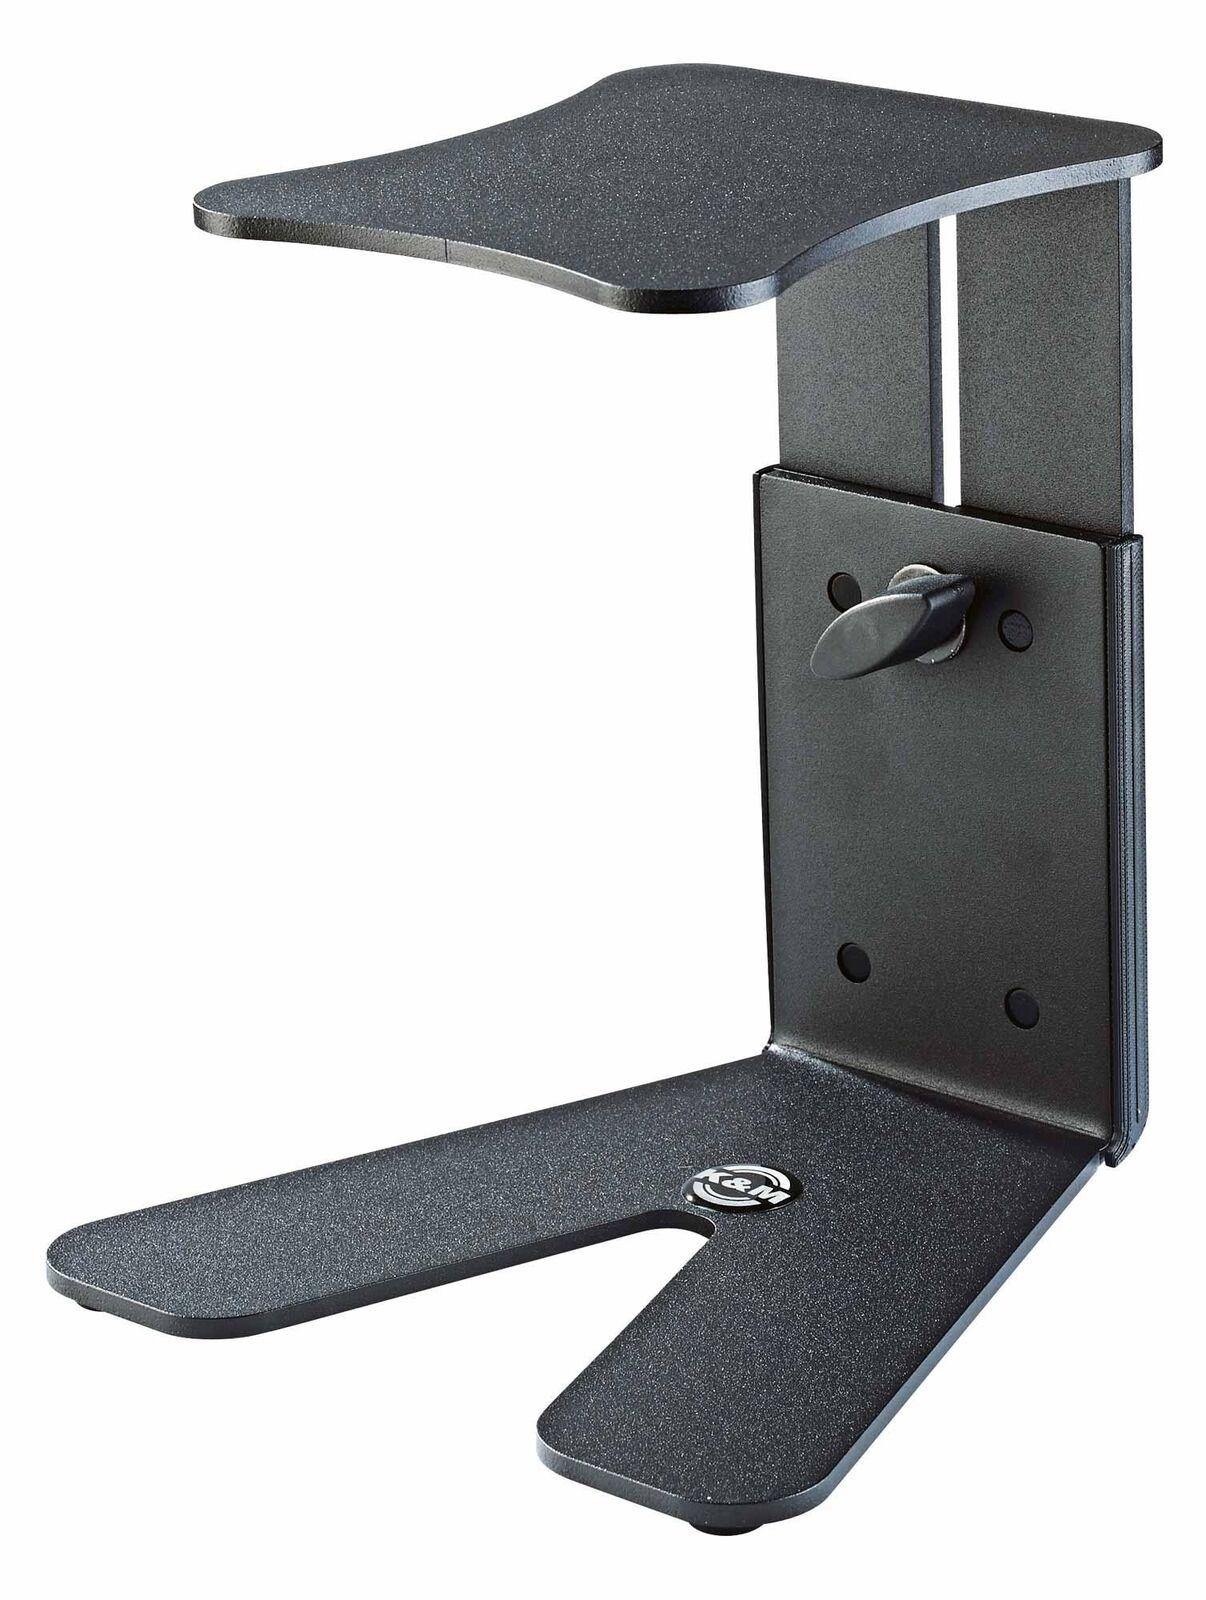 negozio a basso costo K&m 26772 monitor tavolo Treppiede STUDIO MONITOR ALTOPARLANTI STUDIO HOME HOME HOME treppiede PA  risparmia fino al 70%